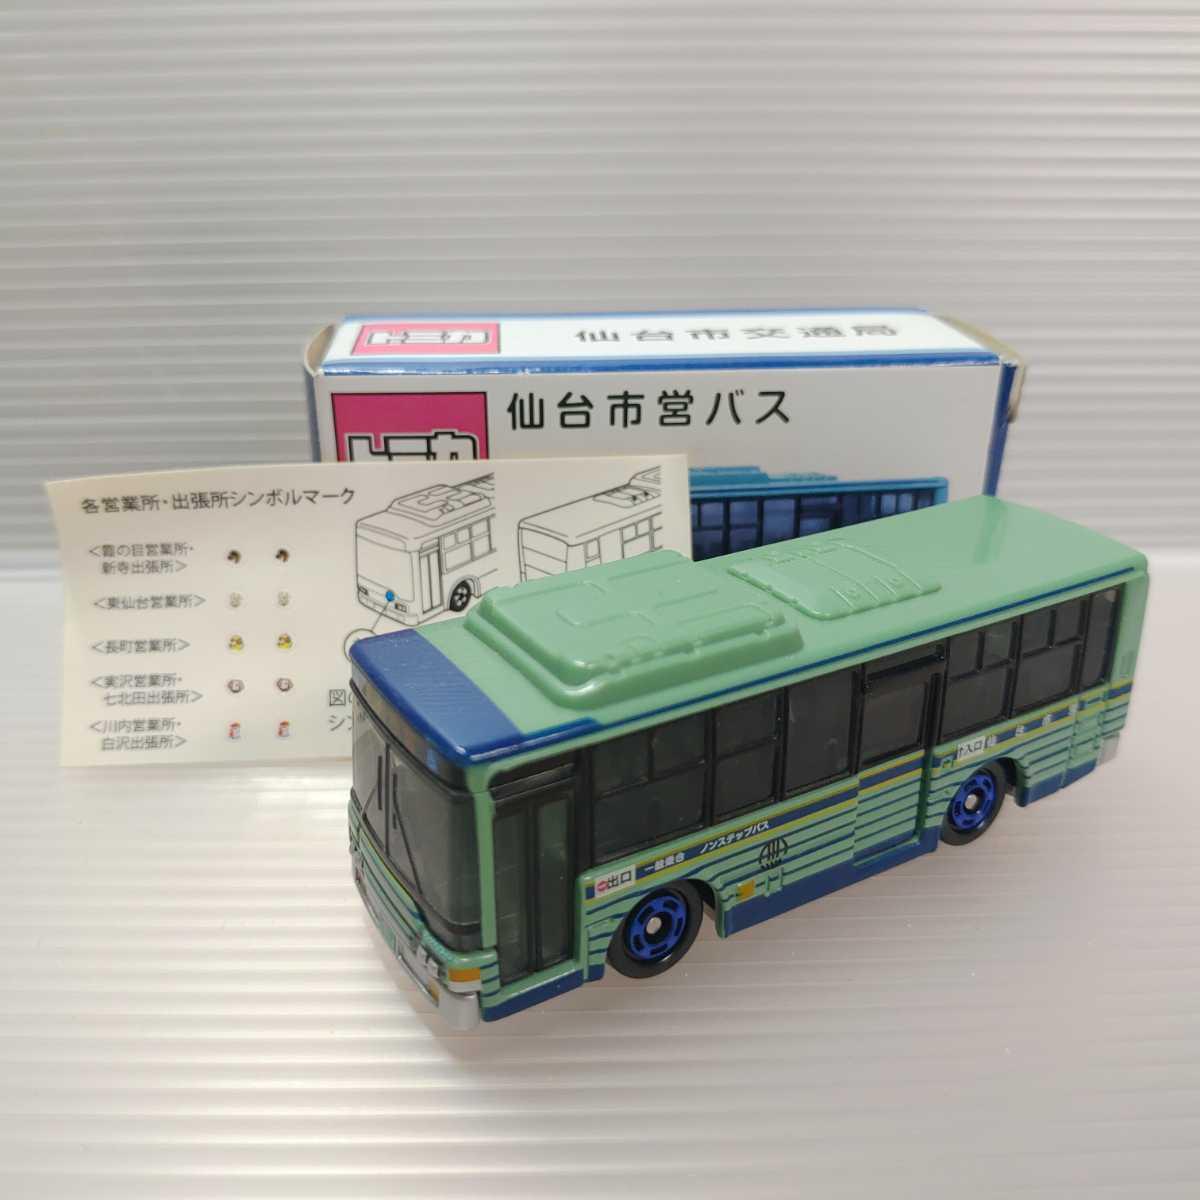 エアロスター 仙台市営バスの値段と価格推移は?|7件の売買情報を集計 ...